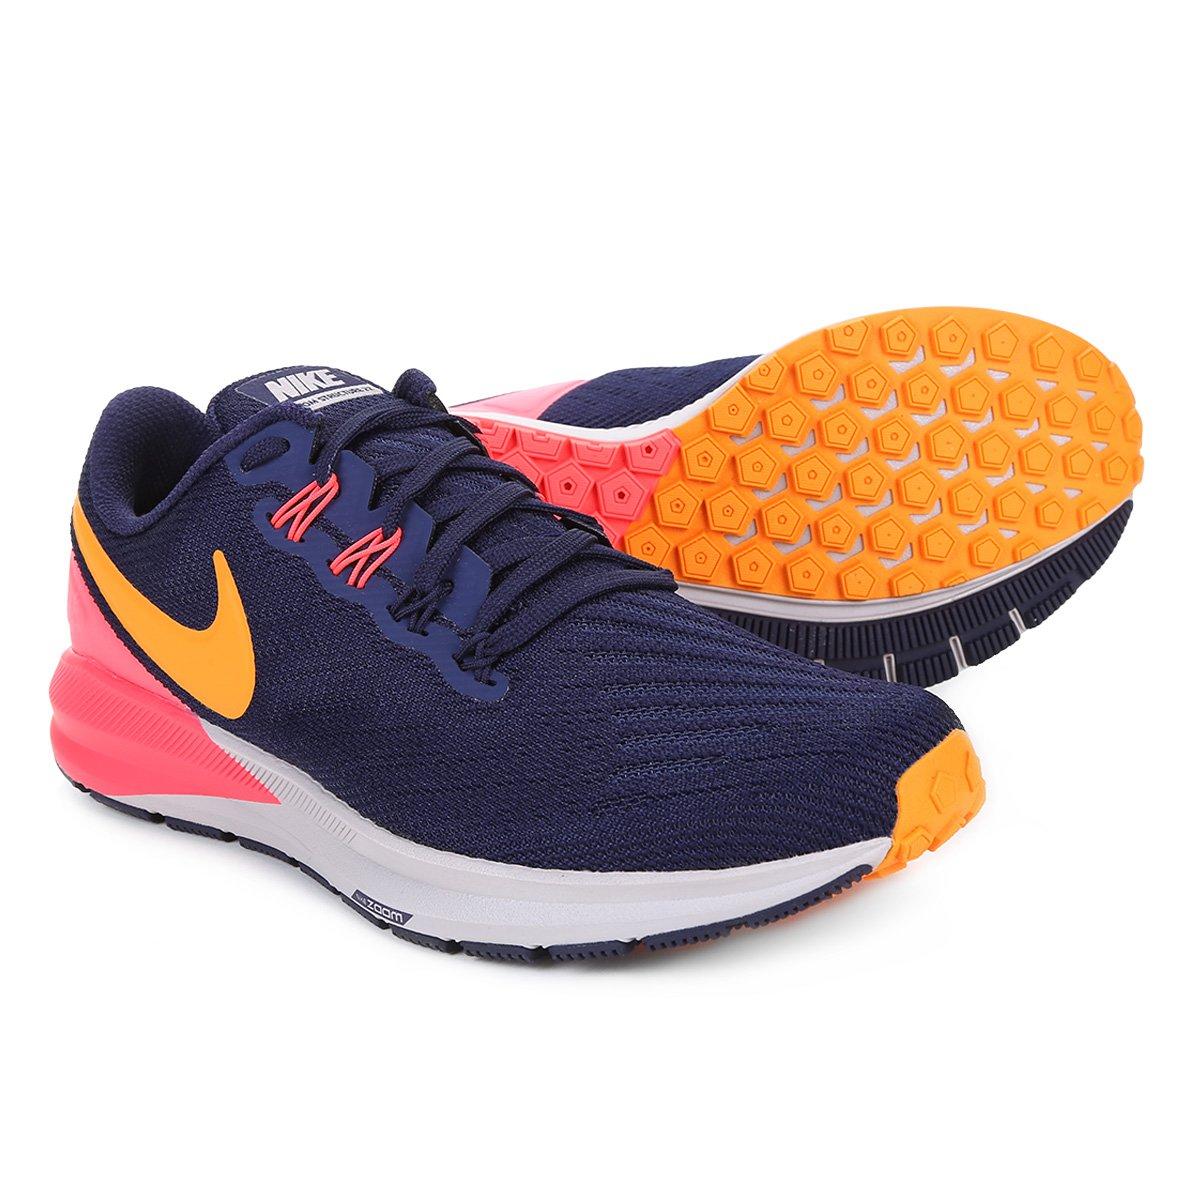 98e15022a9a Tênis Nike Air Zoom Structure 22 Feminino - Azul e Rosa - Compre Agora